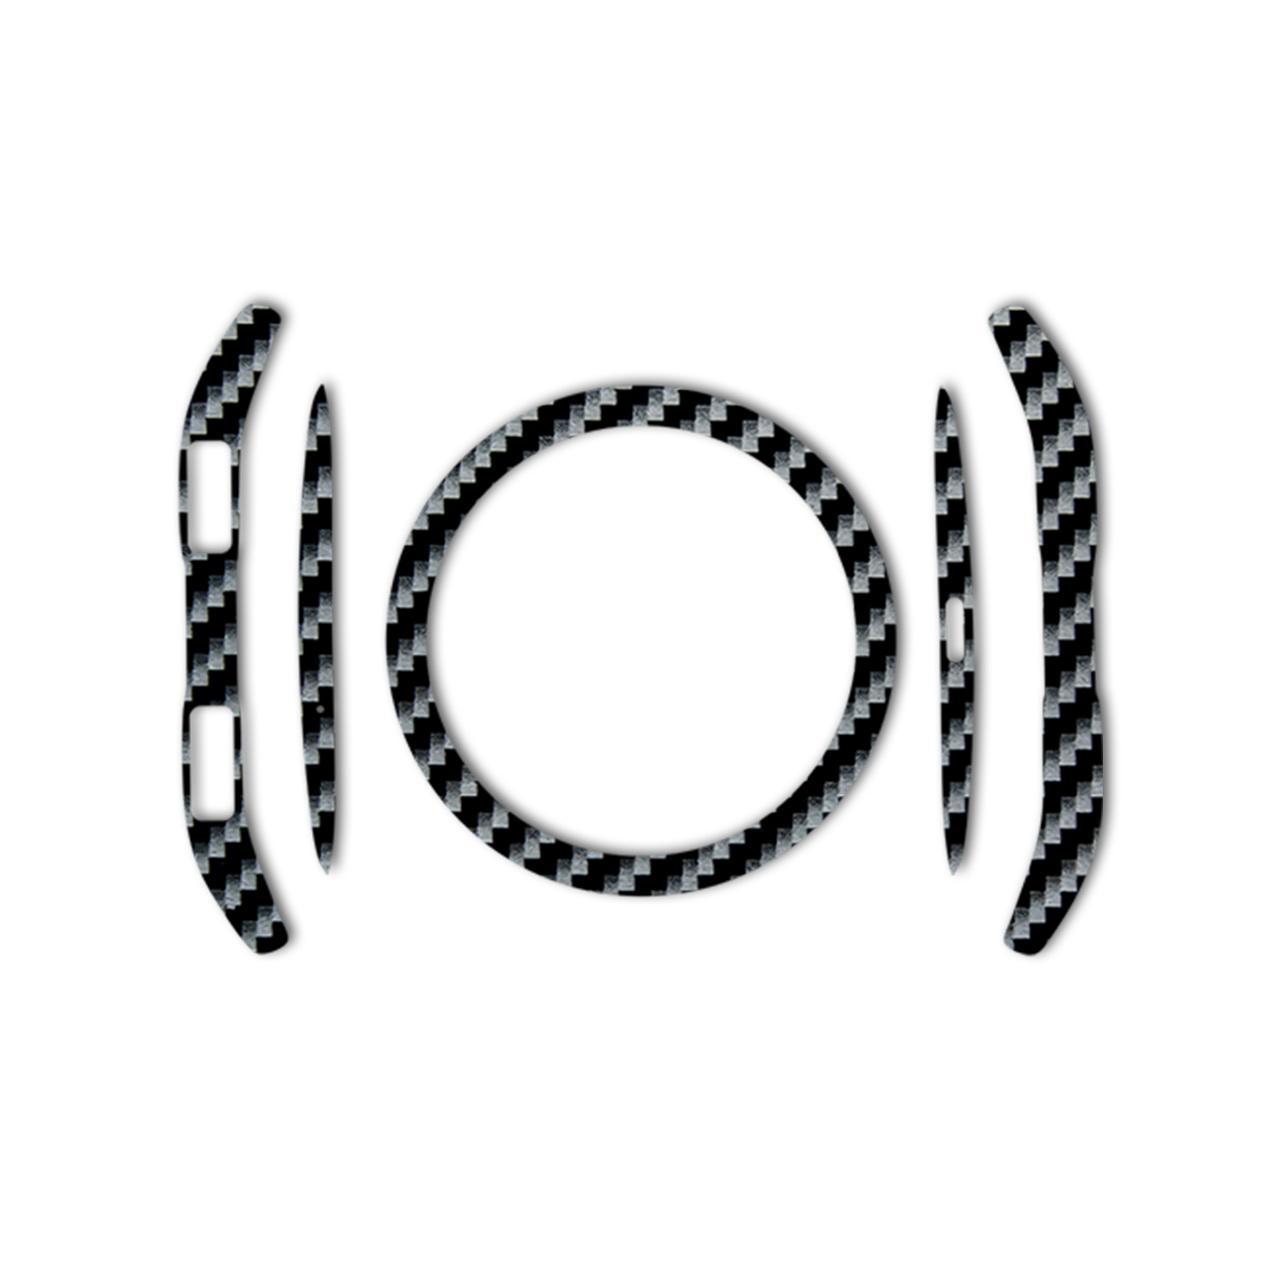 بسته 2 عددی برچسب ماهوت مدل Shine-carbon Special مناسب برای ساعت هوشمند Samsung Gear S3 Frontier